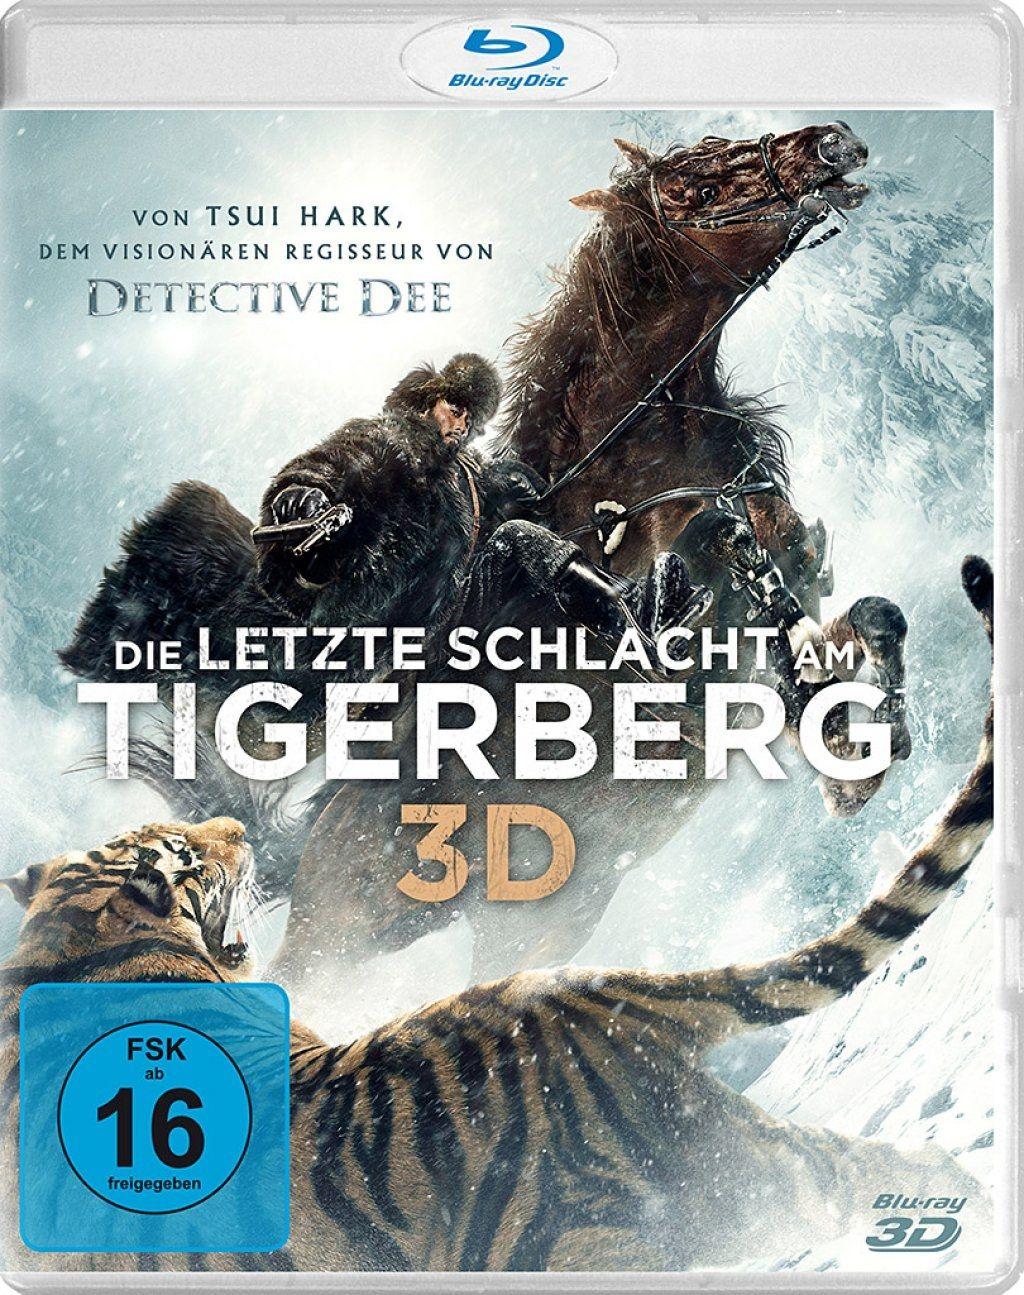 Letzte Schlacht am Tigerberg 3D, Die (BLURAY 3D)